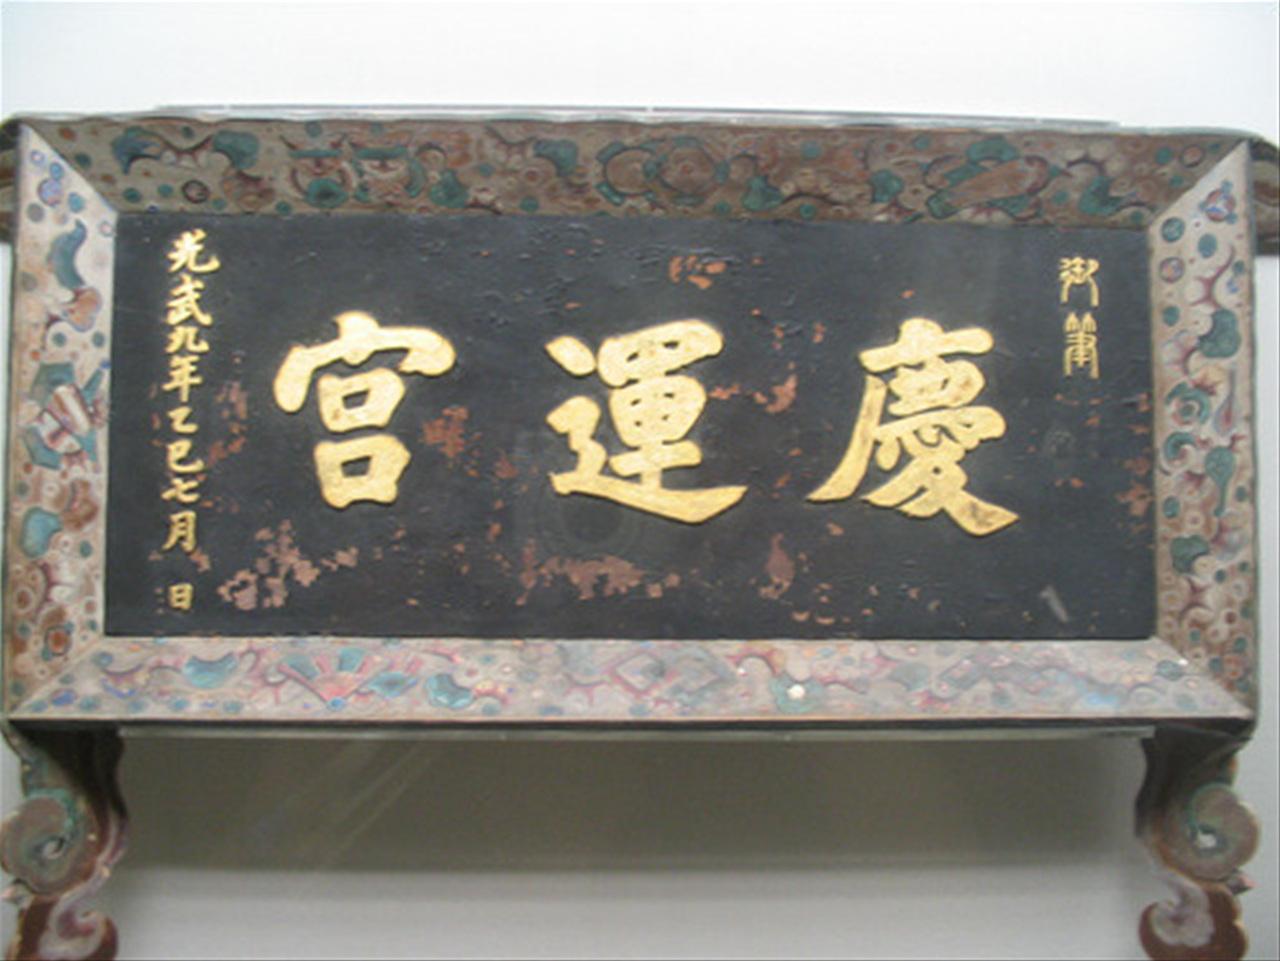 경운궁 편액. 국립고궁 박물관 소장